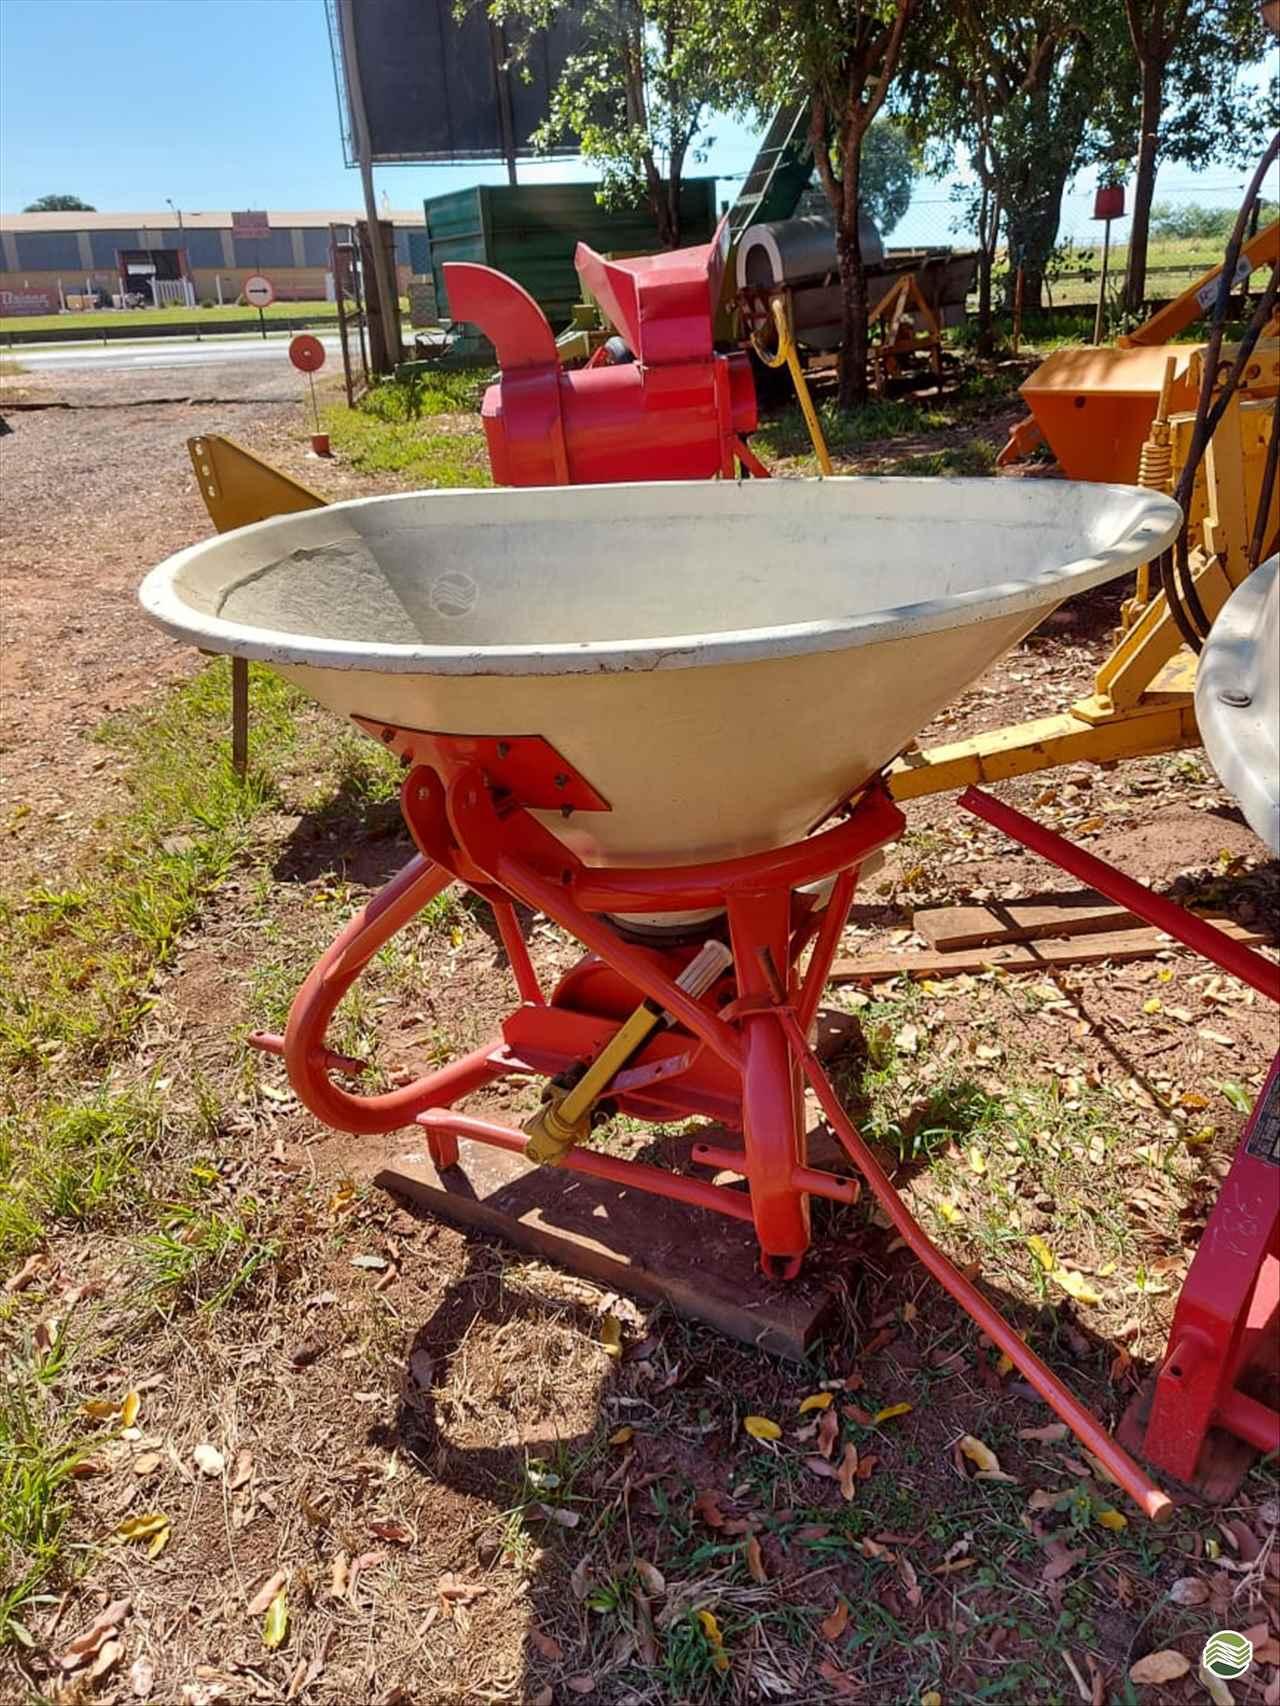 IMPLEMENTOS AGRICOLAS DISTRIBUIDOR CALCÁRIO 2000 Kg Terra Santa Implementos Agrícolas BEBEDOURO SÃO PAULO SP